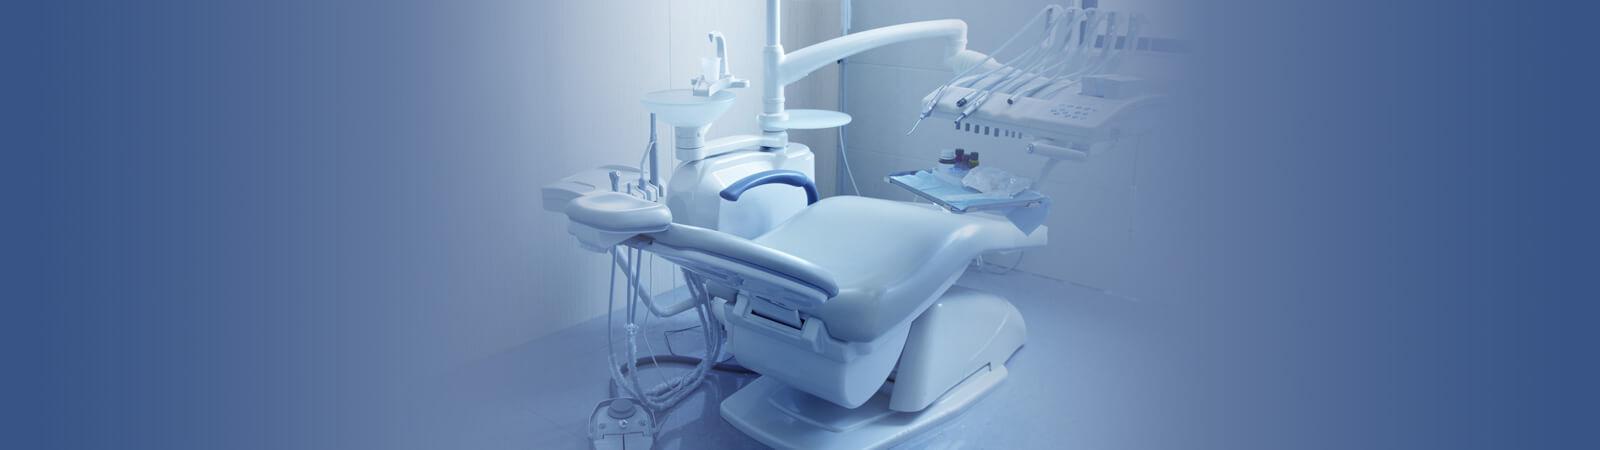 Office Tour - Vivid Dental, Houston TX